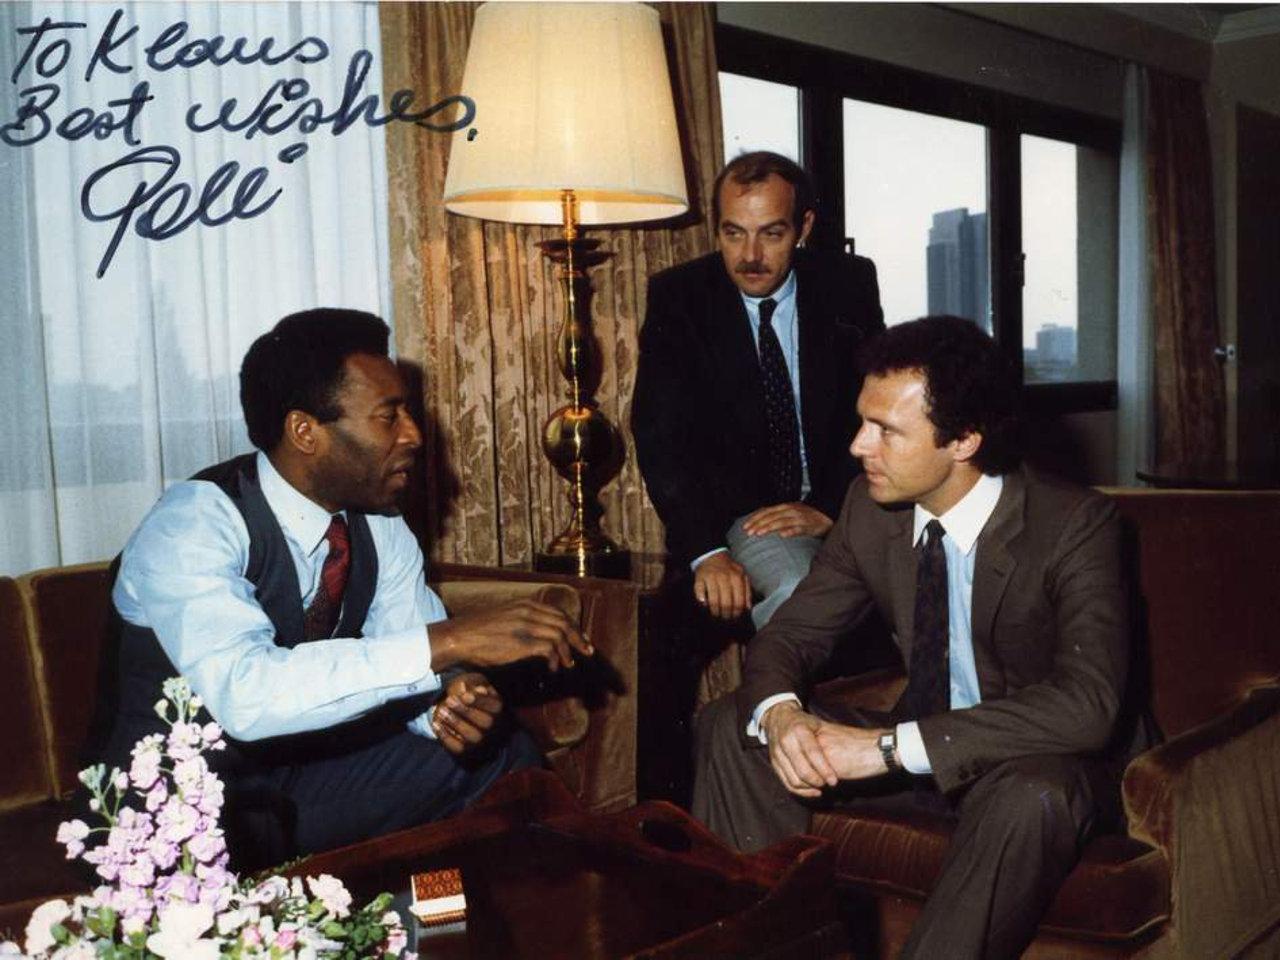 Zwei der besten Fußballspieler aller Zeiten zusammen mit Herrn Ollmann, ganz privat im Hamburger Hotel Intercontinental. (Bild: Klaus Ollmann)